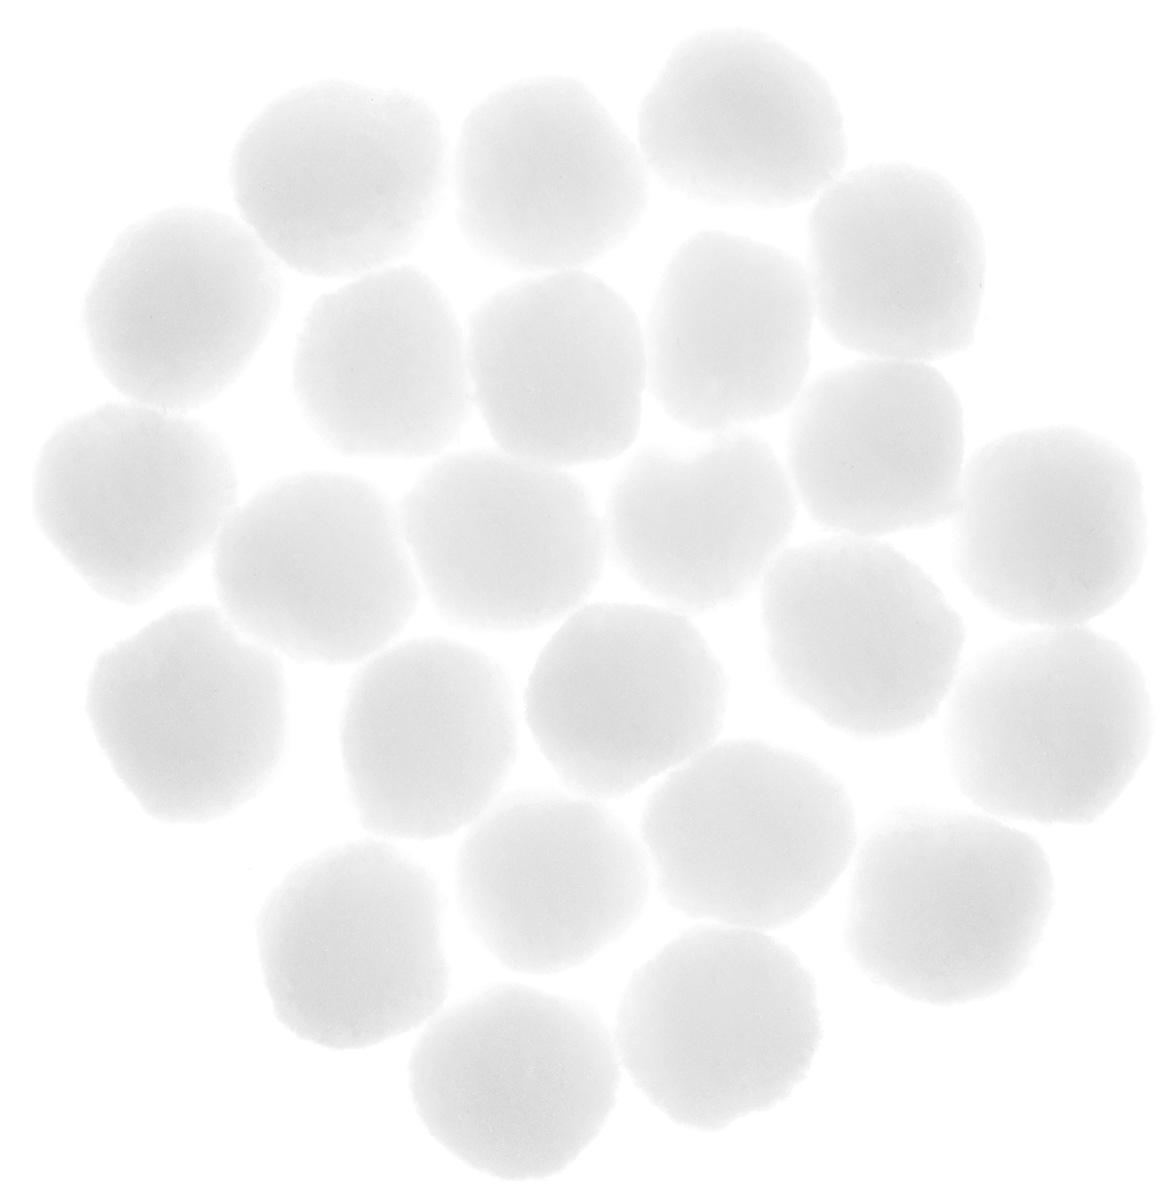 Декоративное украшение Lunten Ranta Снежки, диаметр 3 см, 25 шт09840-20.000.00Декоративные украшения Lunten Ranta Снежки отлично подойдут для декорации вашего дома в преддверии Нового года. В наборе - 25 украшений, выполненных из полиэстера в виде маленьких комочков снега. Создайте в своем доме атмосферу веселья и радости, оформляя всей семьей комнату украшениями, которые будут из года в год накапливать теплоту воспоминаний.